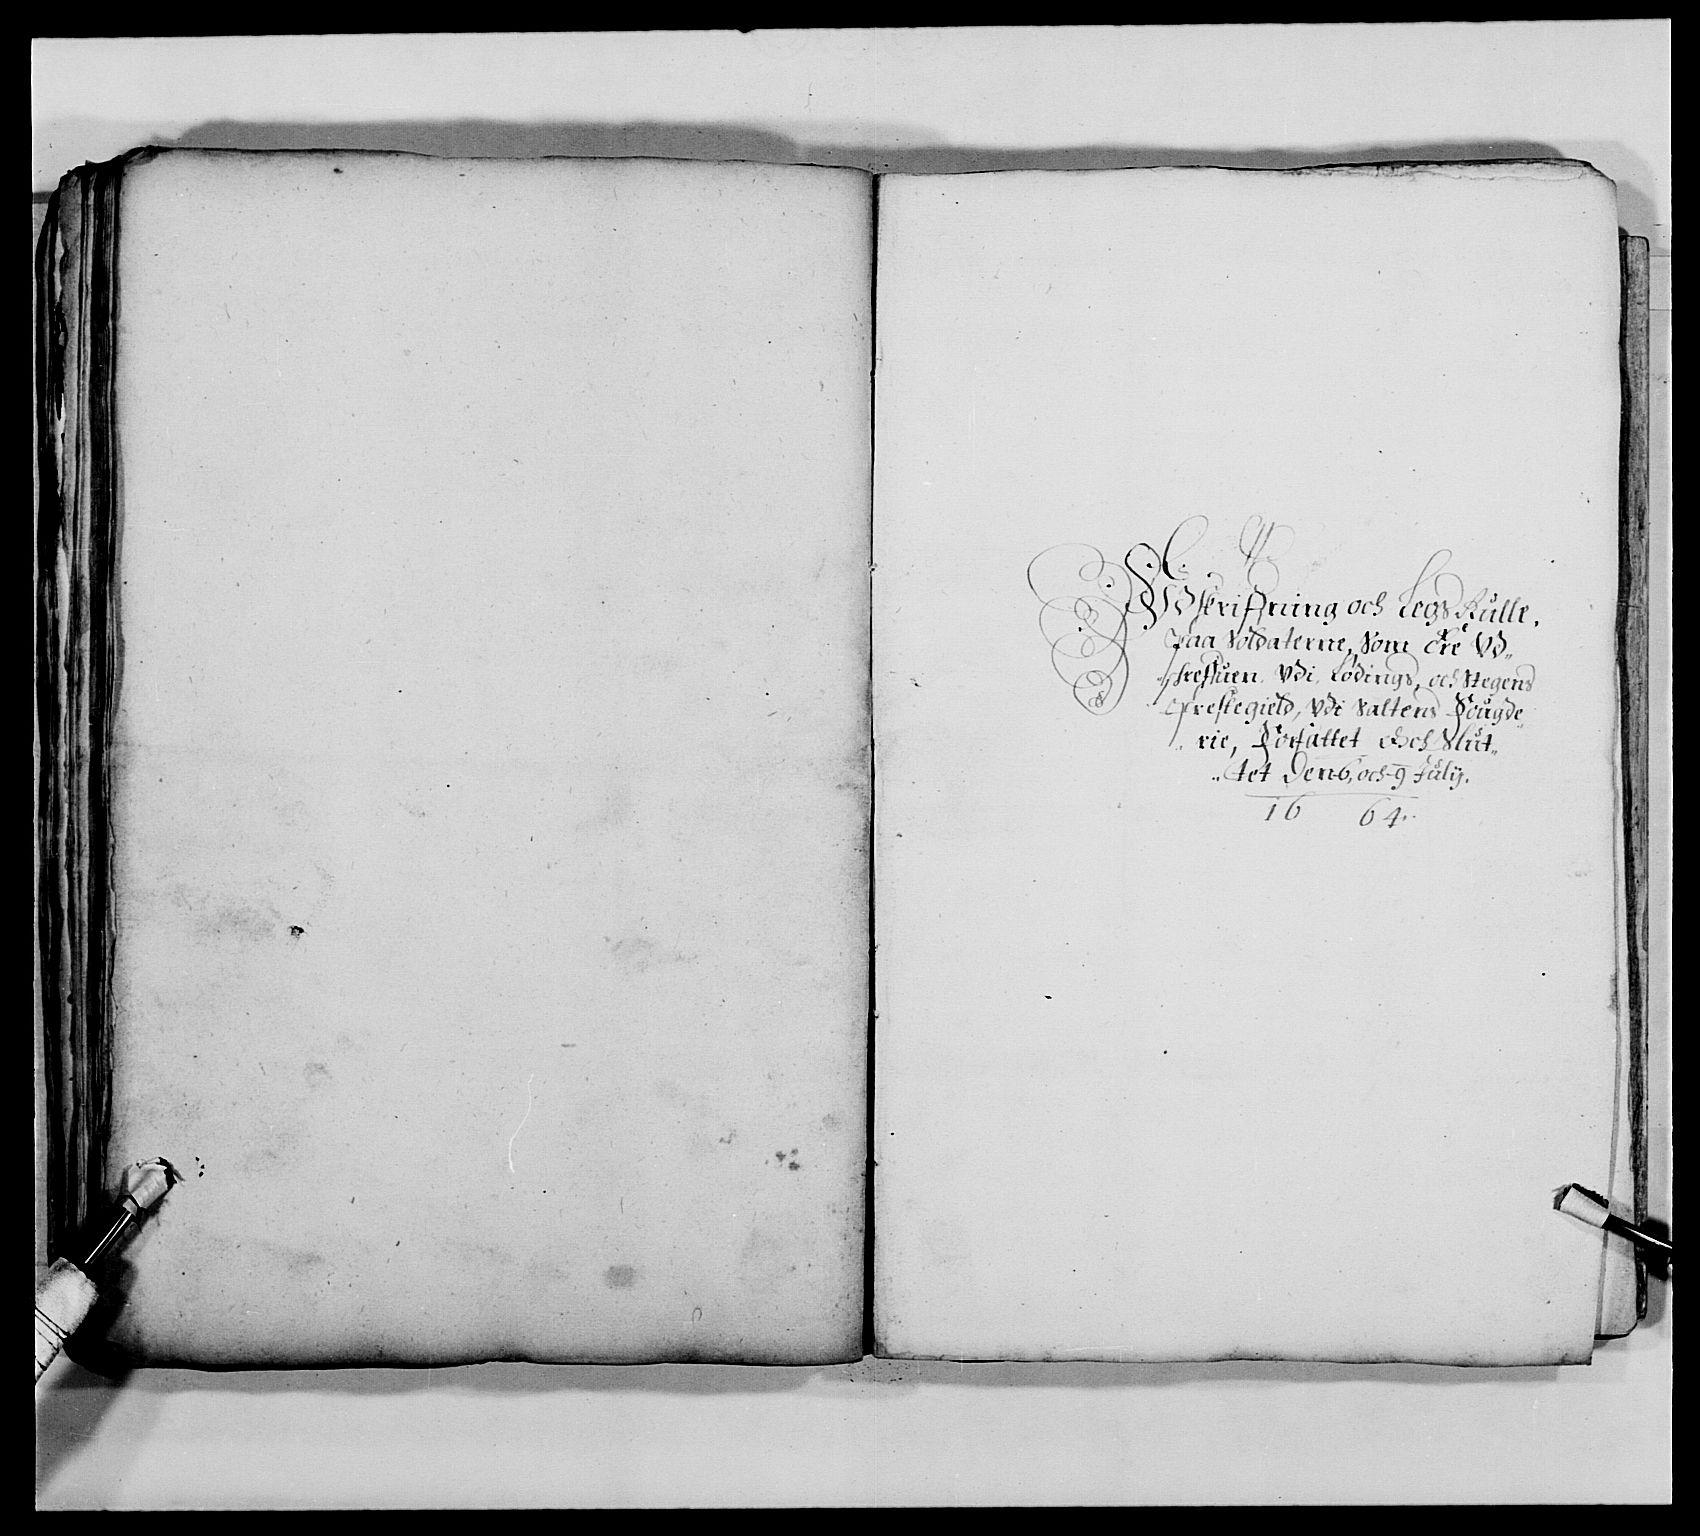 RA, Kommanderende general (KG I) med Det norske krigsdirektorium, E/Ea/L0473: Marineregimentet, 1664-1700, s. 57